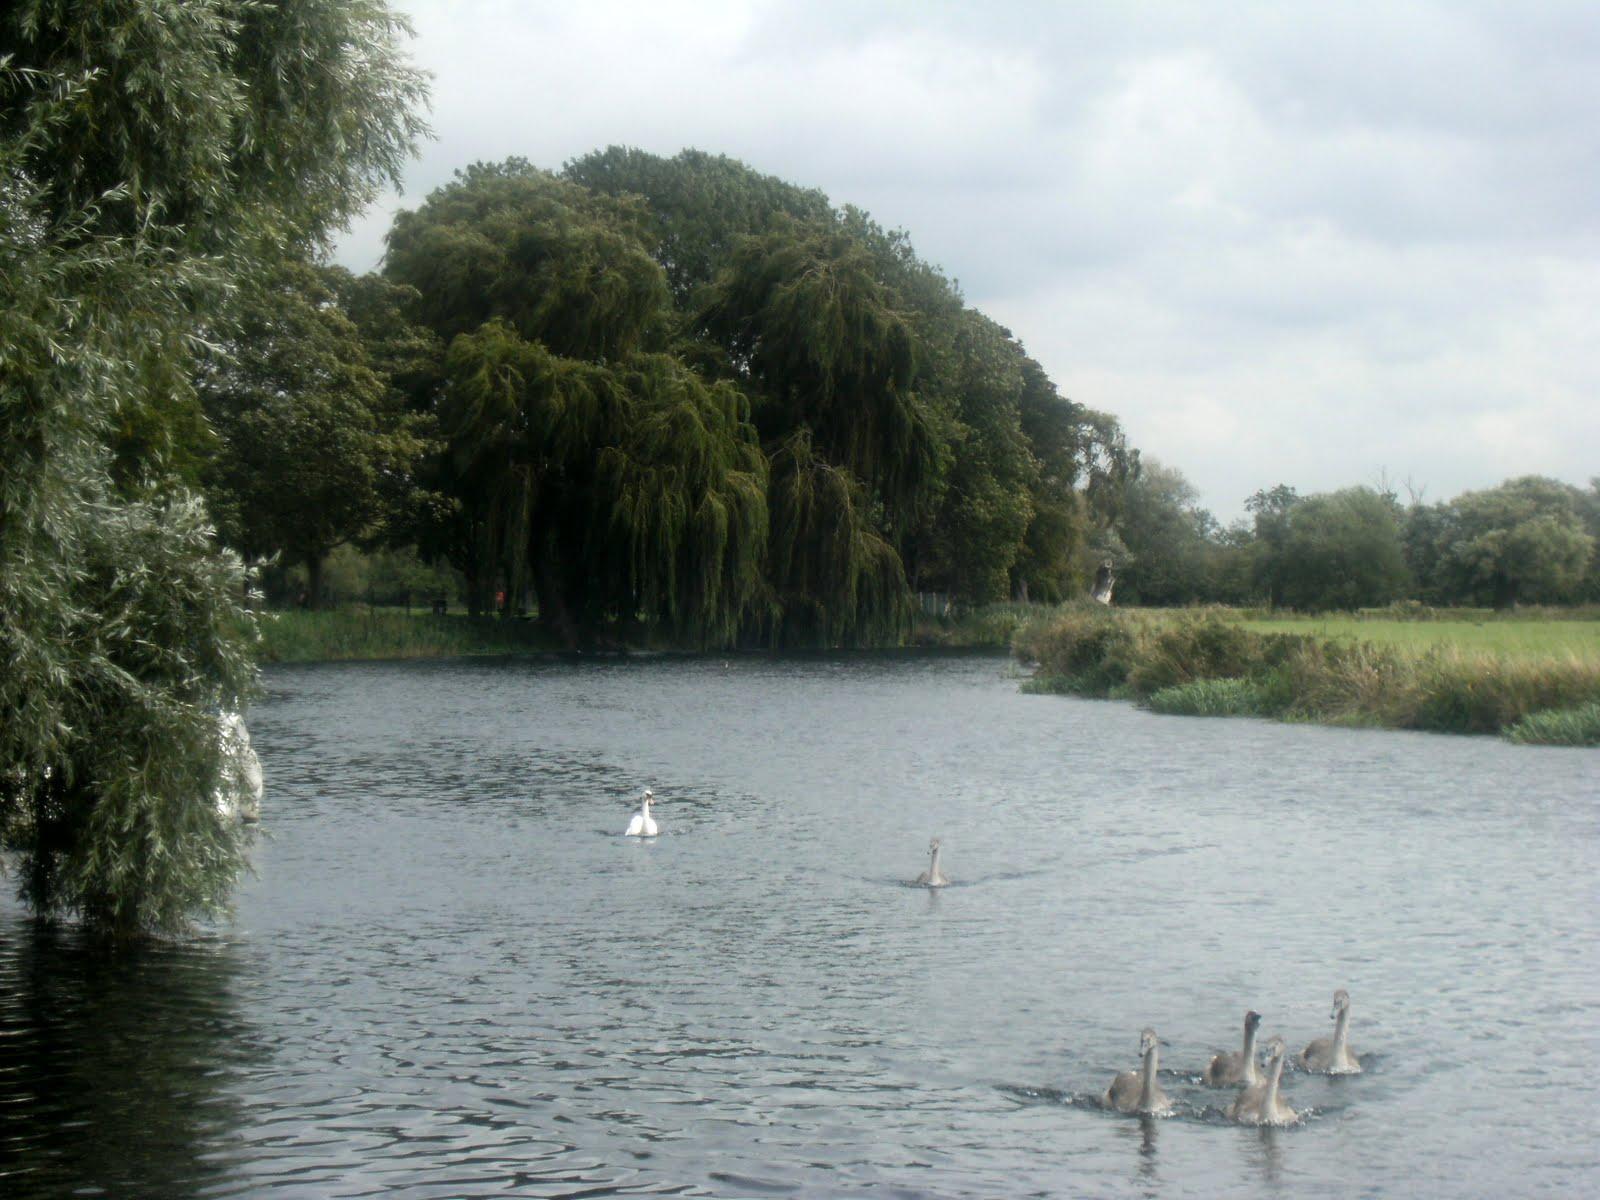 DSCF9415 River Great Ouse near Huntingdon